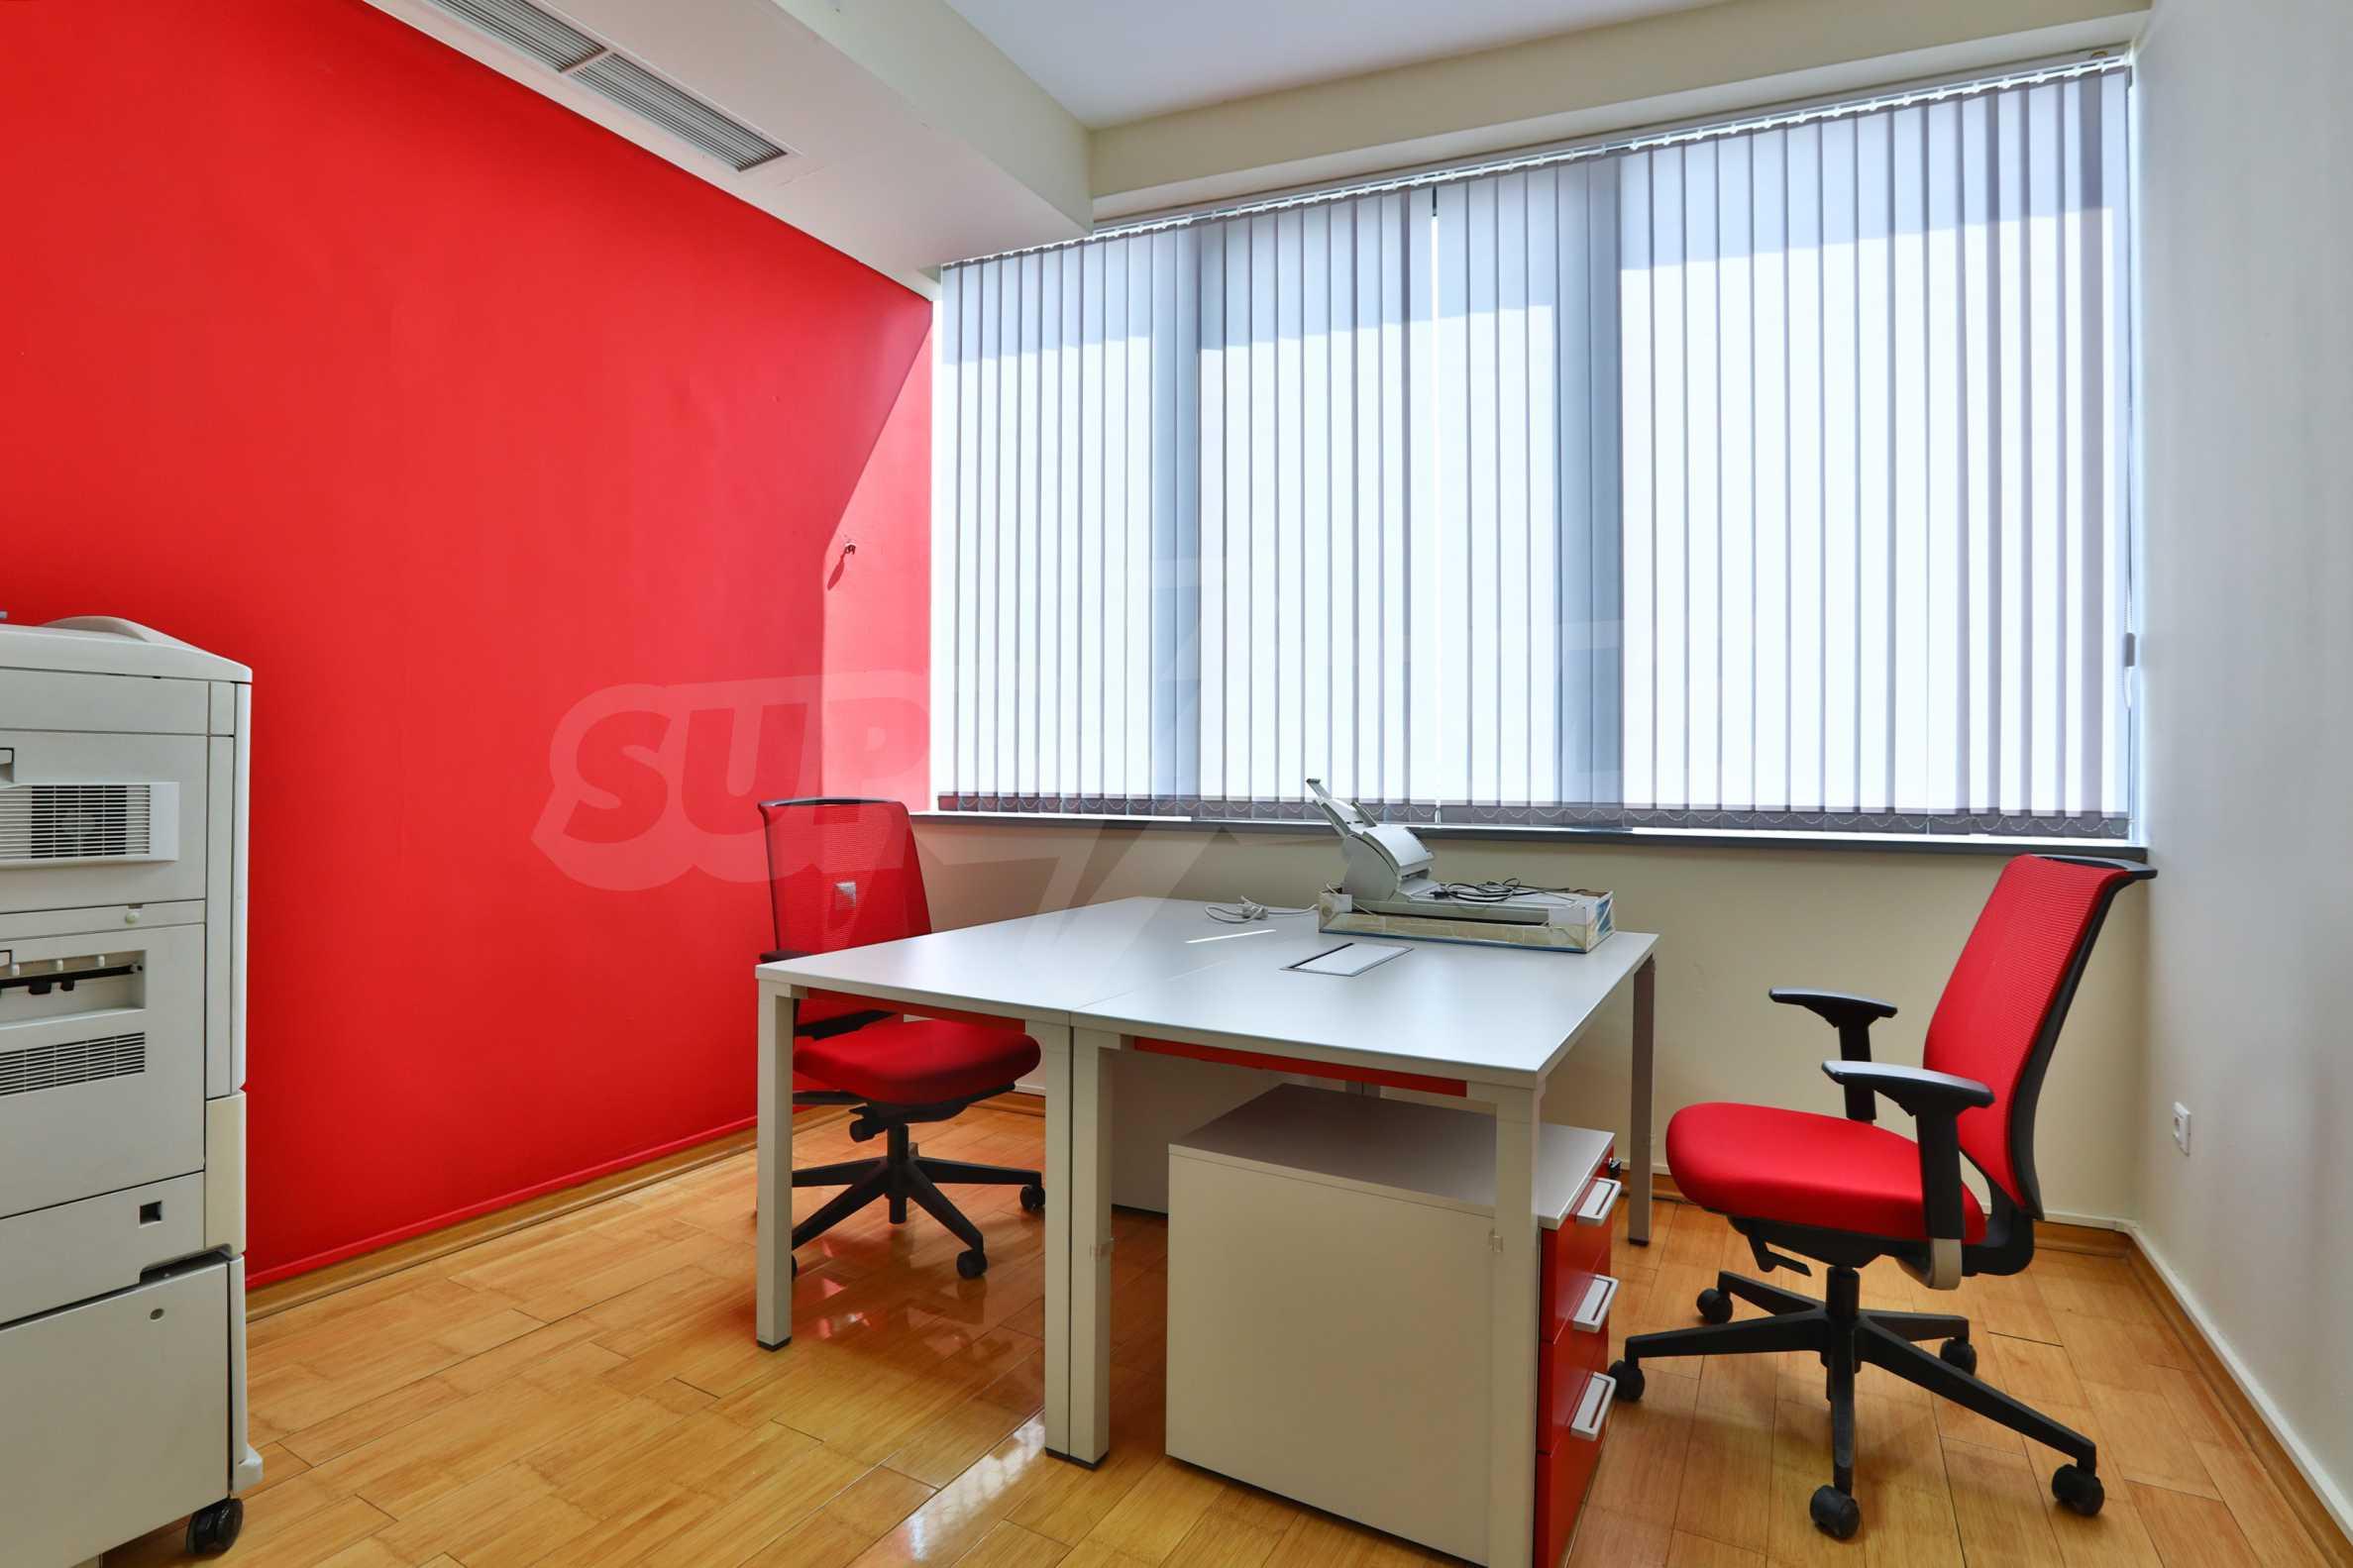 Офис с паркомясто в луксозната Бизнес сграда Белисимо, кв. Манастирски ливади 9